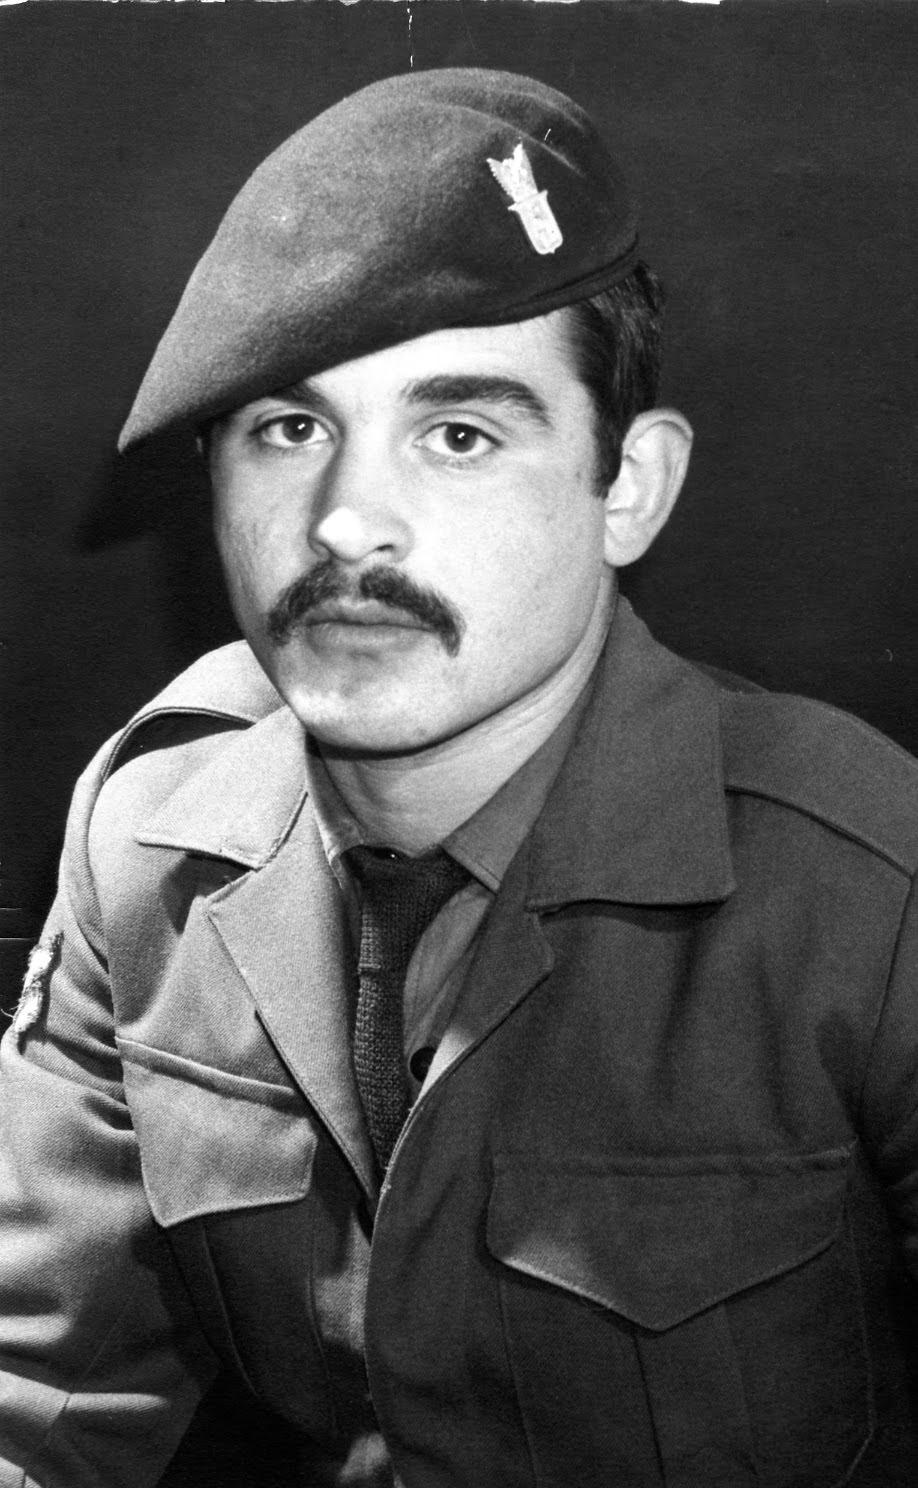 Ο Νίκος Αργυρόπουλος ως έφεδρος λοχίας στην Κύπρο, πριν τον πόλεμο.